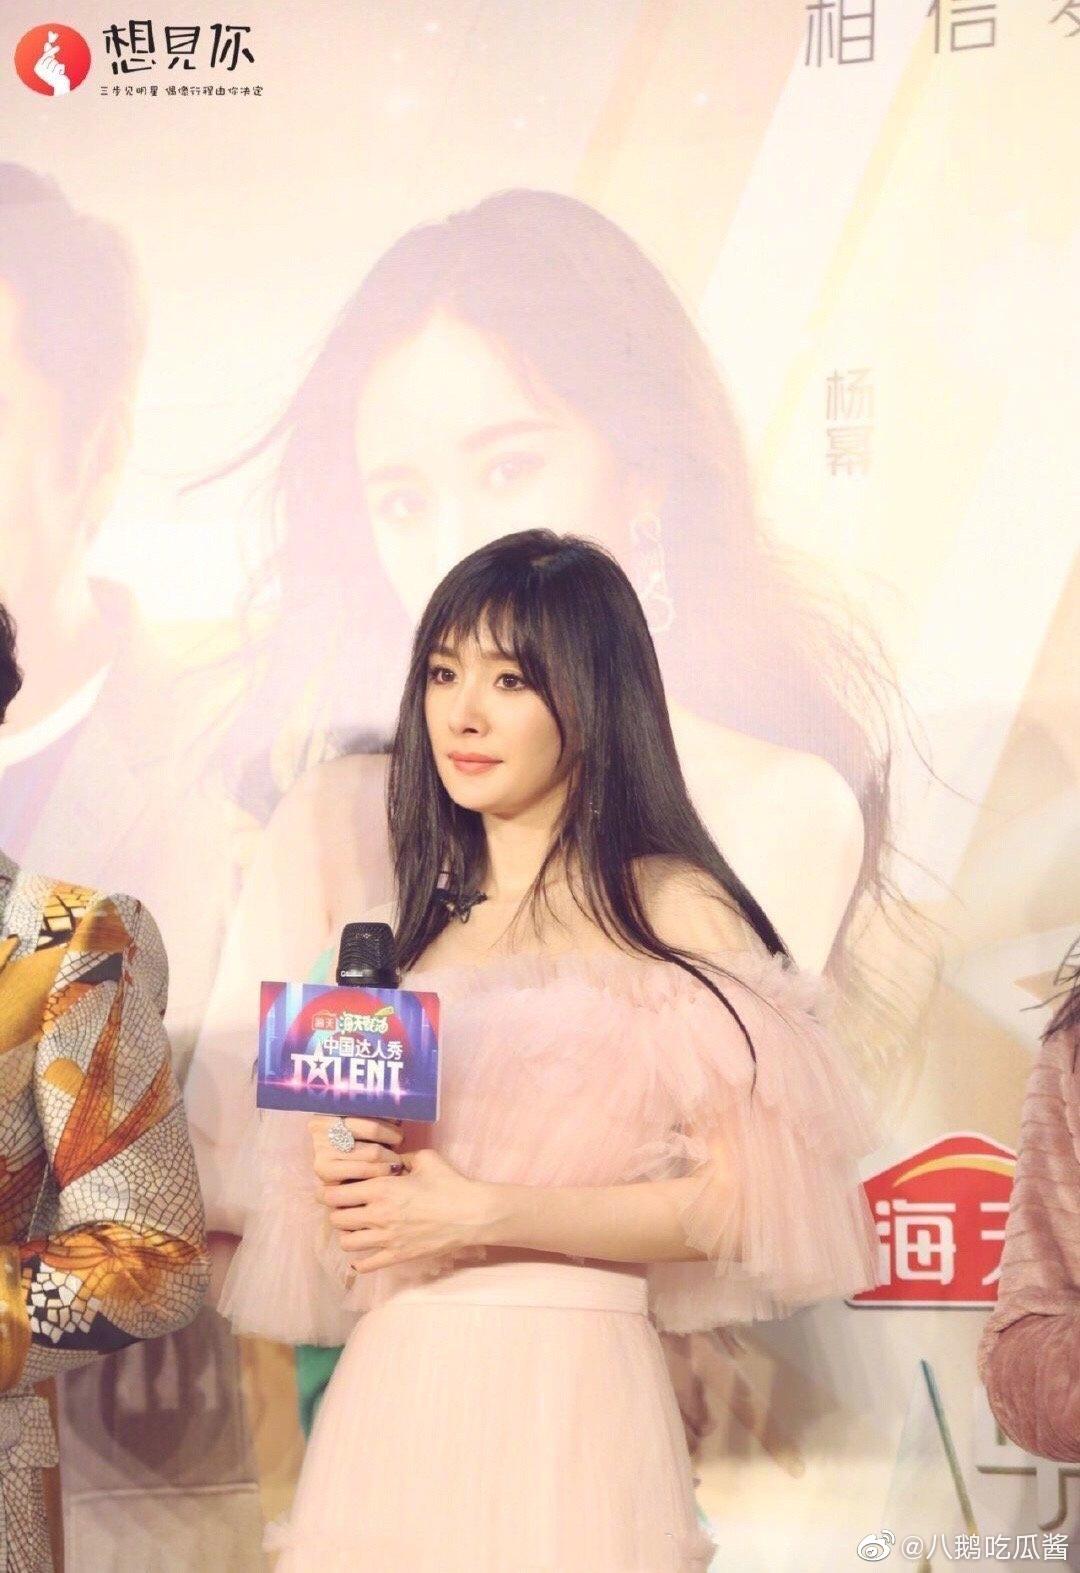 杨幂粉色纱裙加空气刘海的新造型出席活动,粉丝们都在吐槽造型师